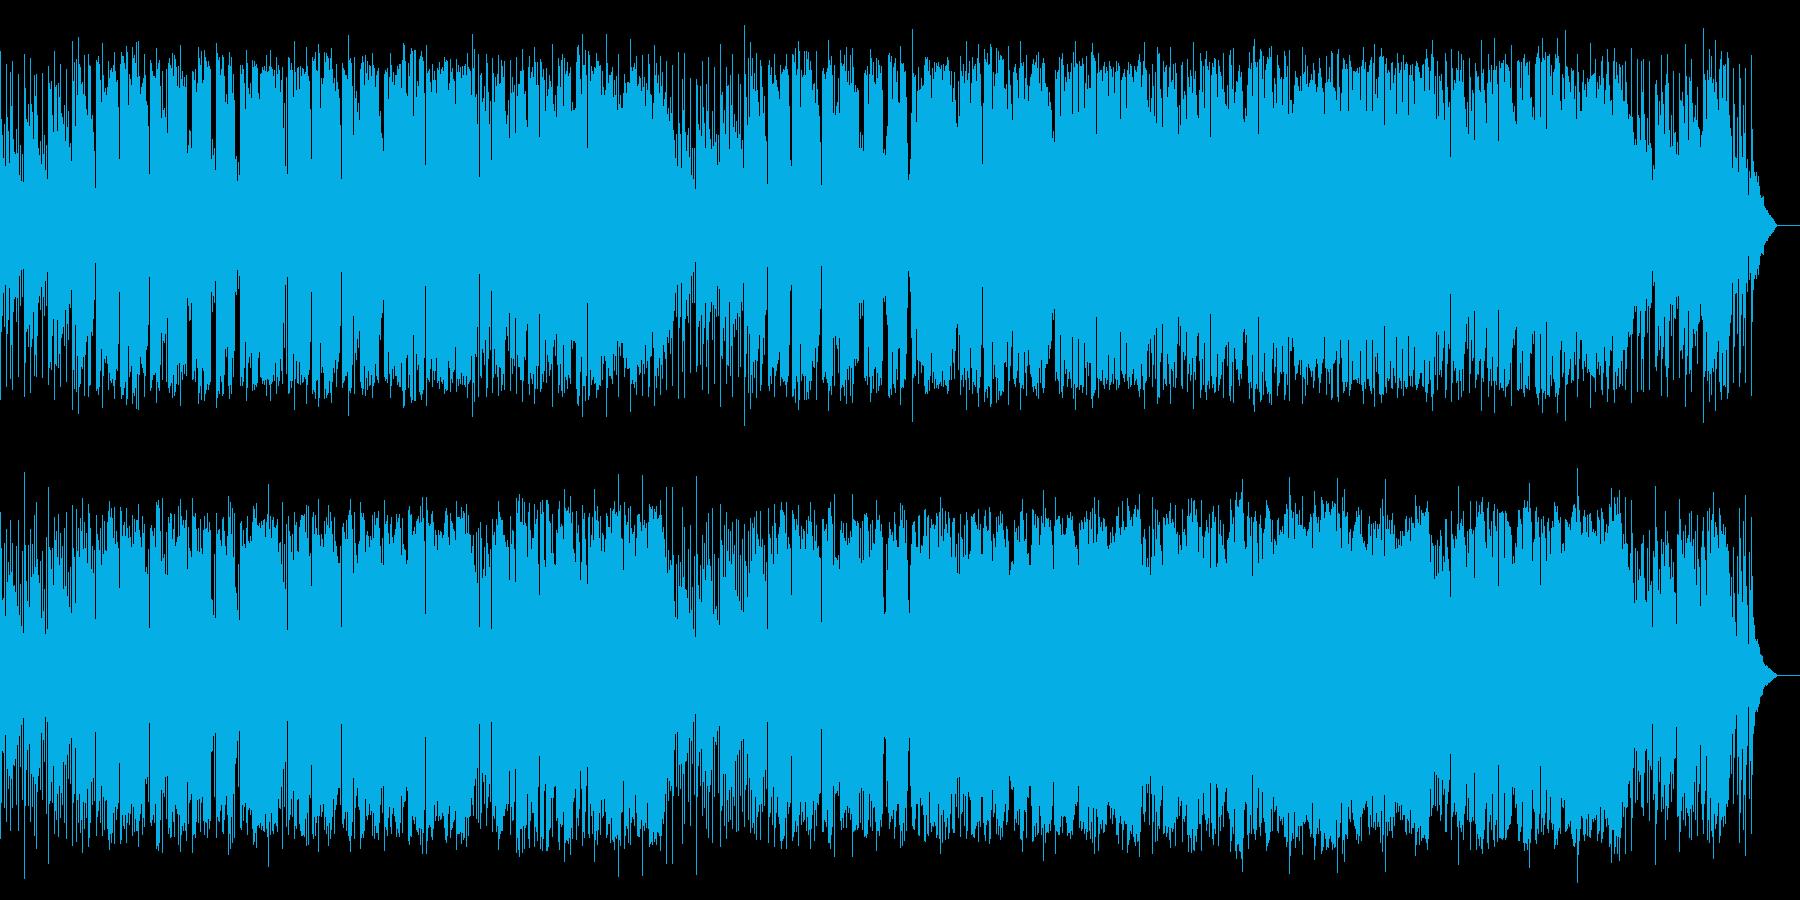 凛とするメロディアスなジャズ風ポップスの再生済みの波形